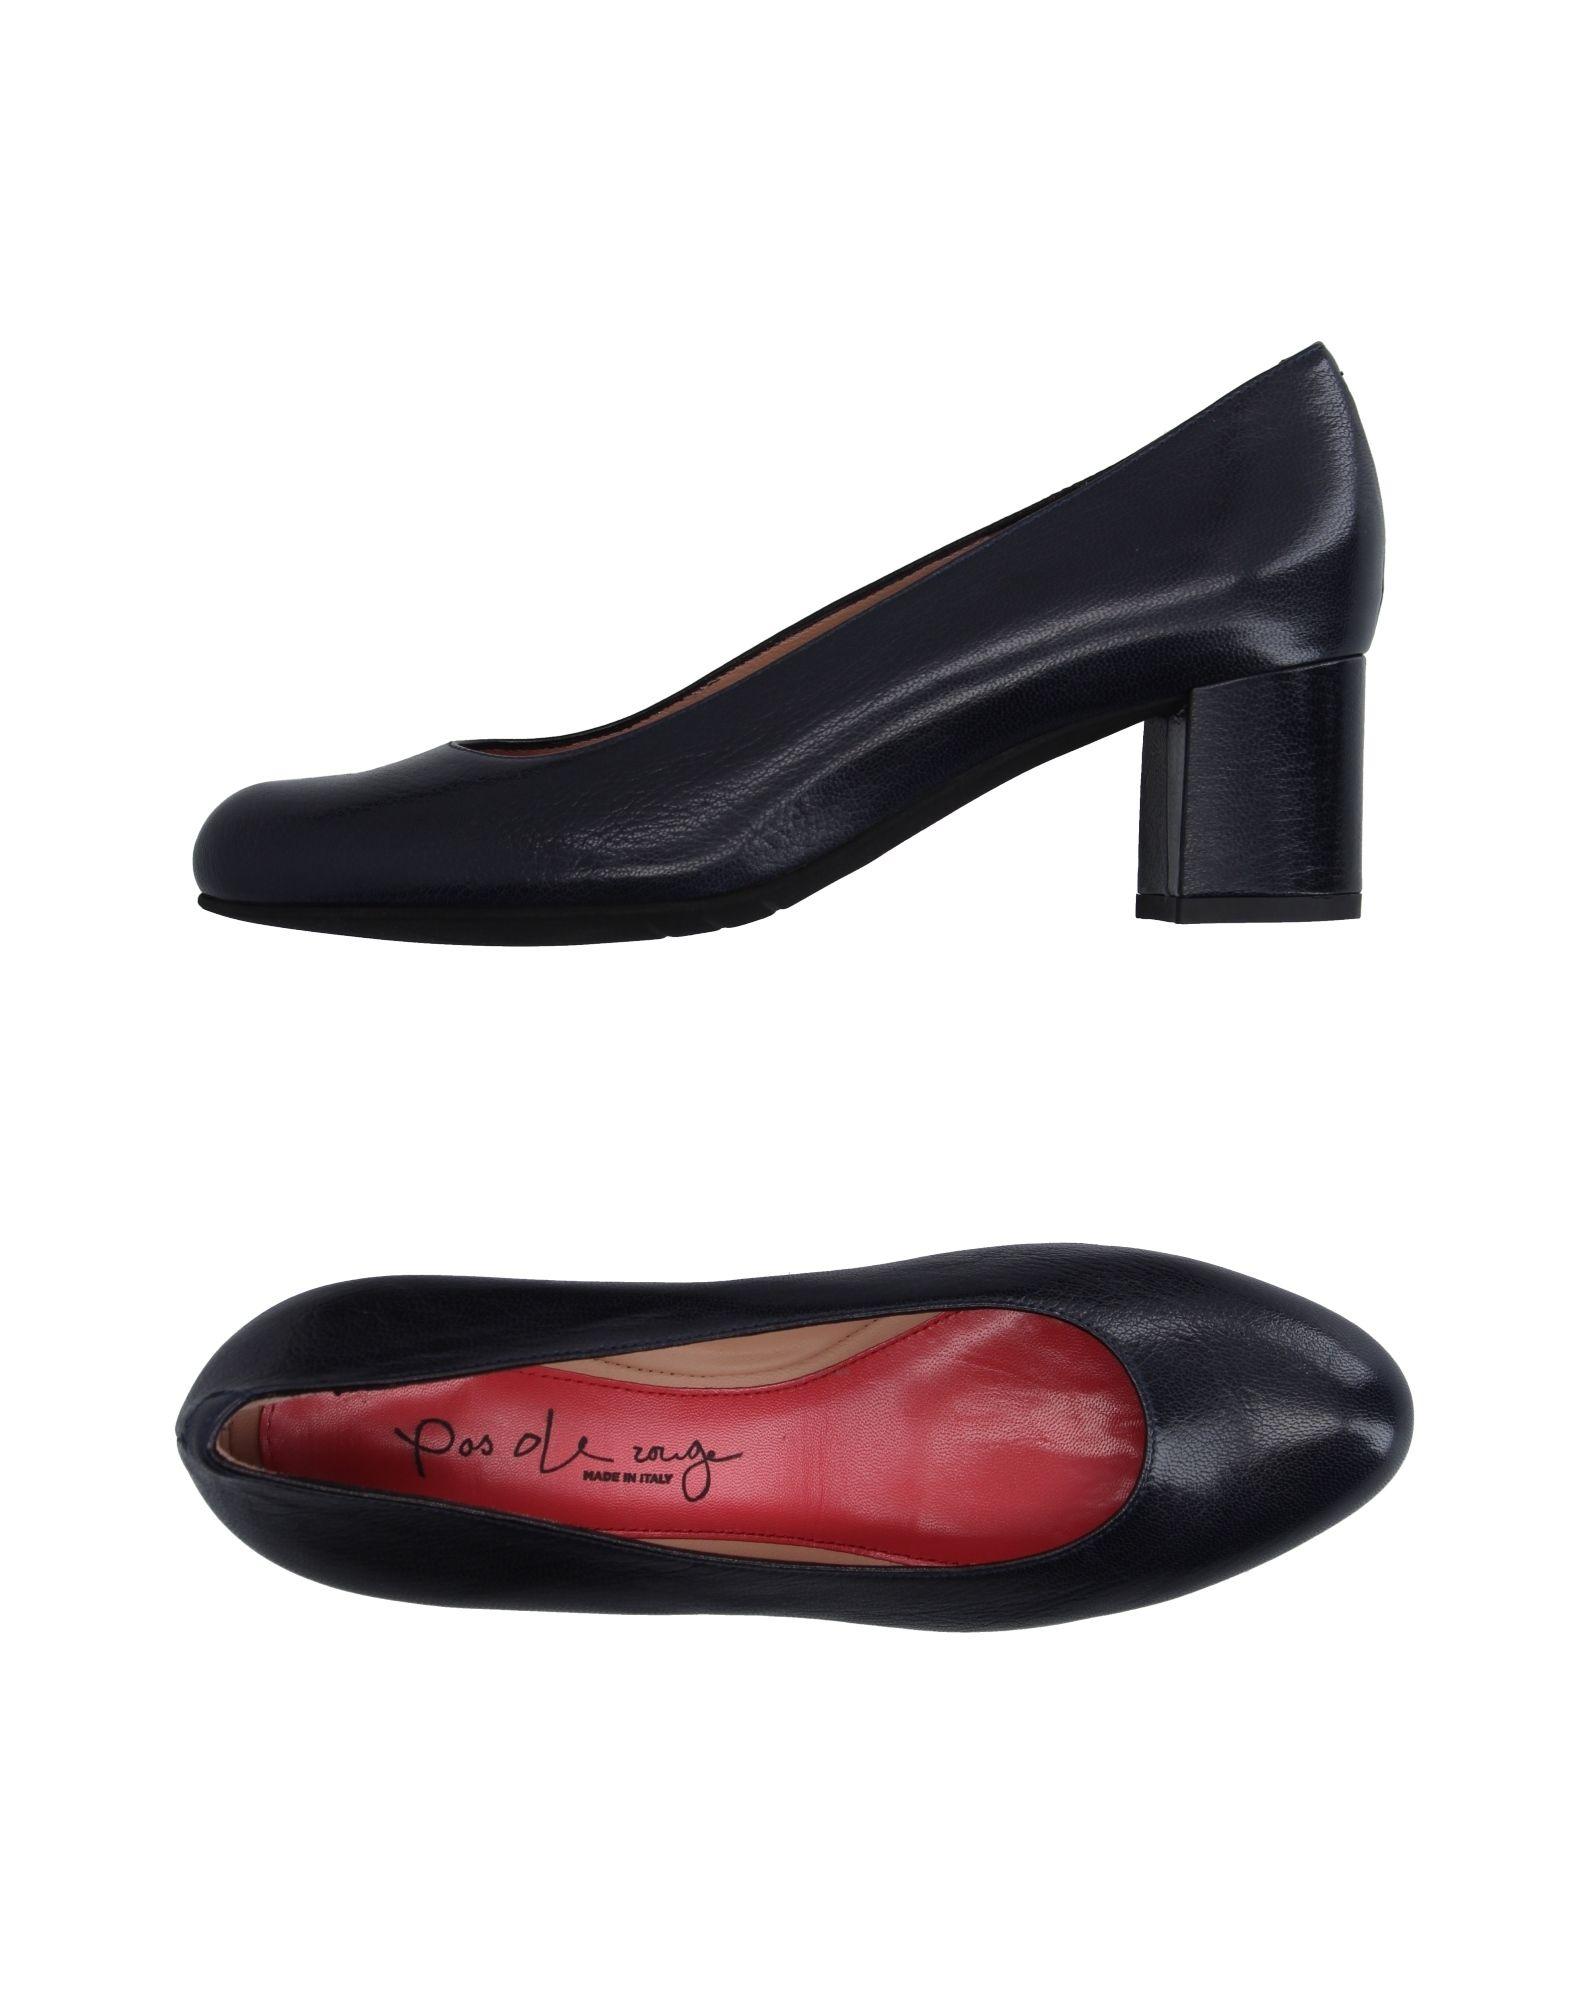 Stilvolle billige Schuhe Damen Pas De Rouge Pumps Damen Schuhe  11179120MN f92e2e